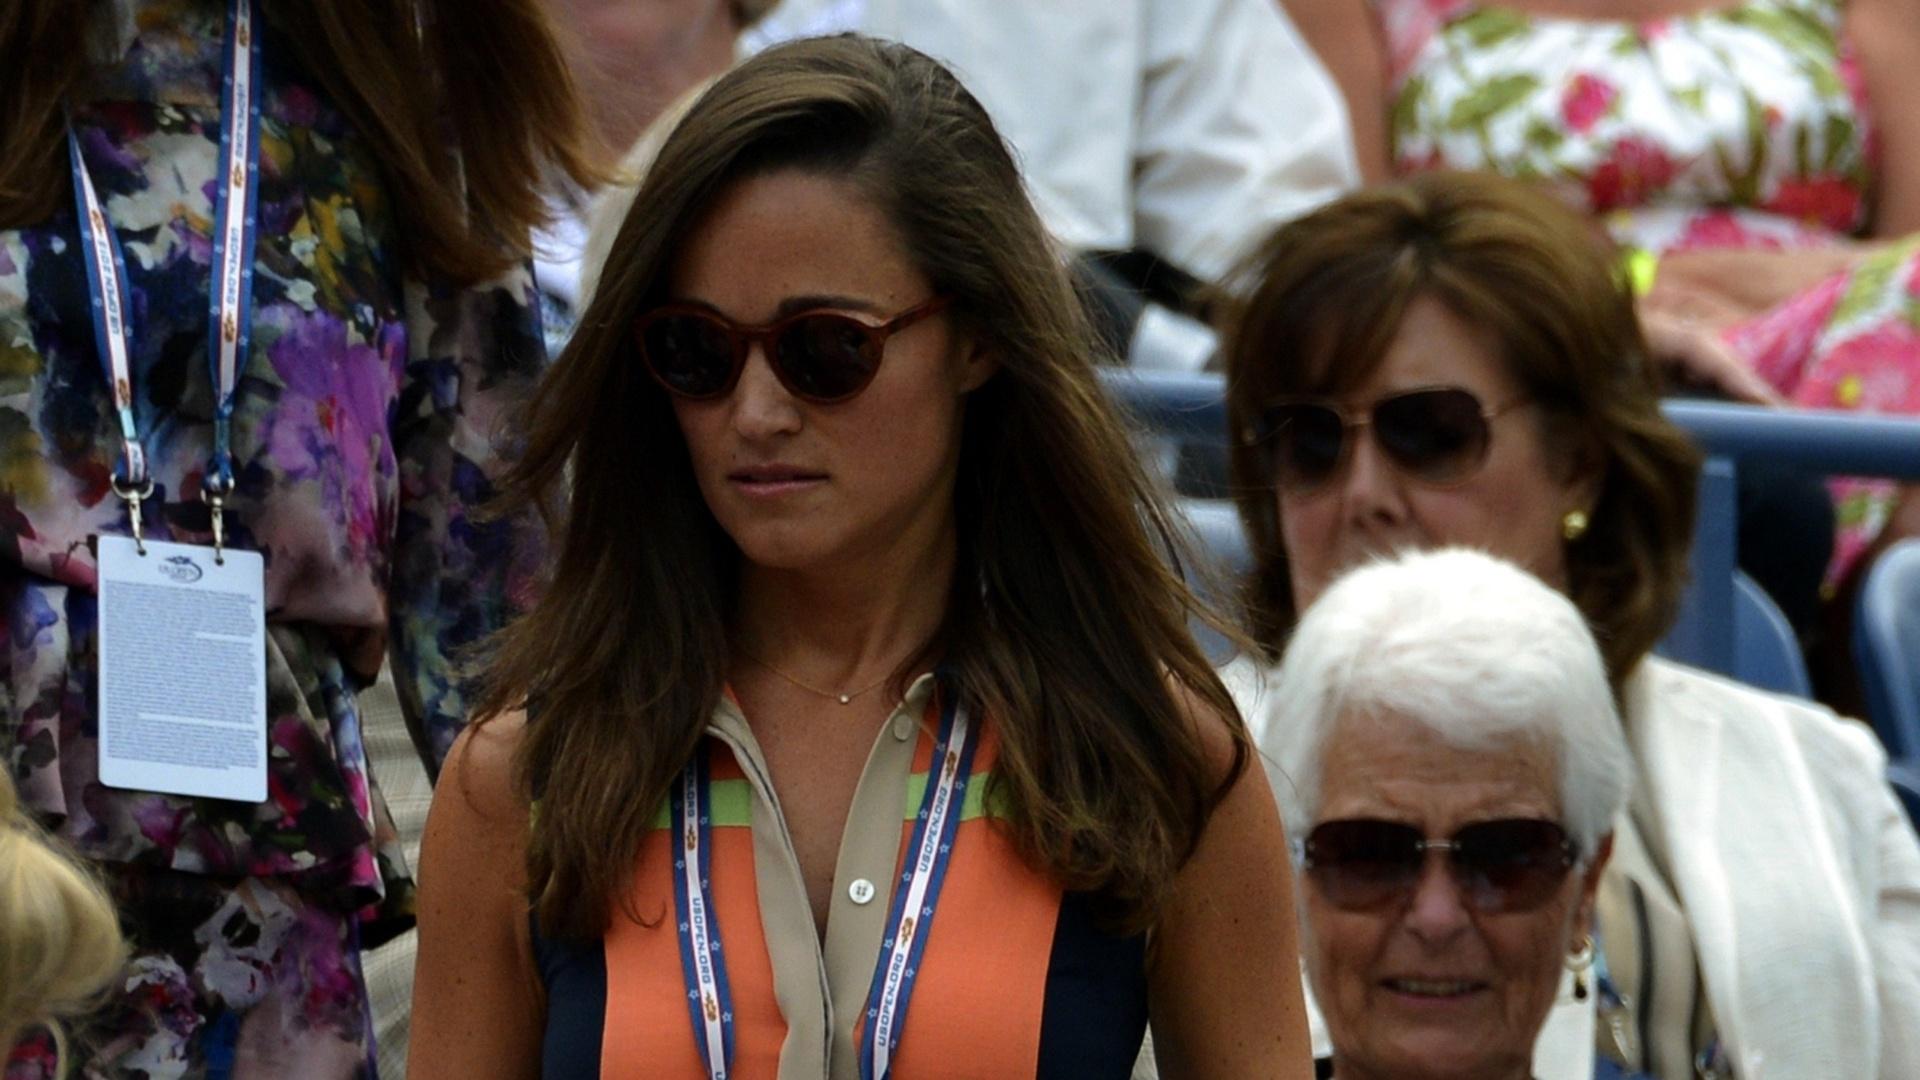 Irmã de Kate (duquesa de Cambridge), Pippa Middleton acompanhou a partida entre Victoria Azarenka e Samantha Stosur